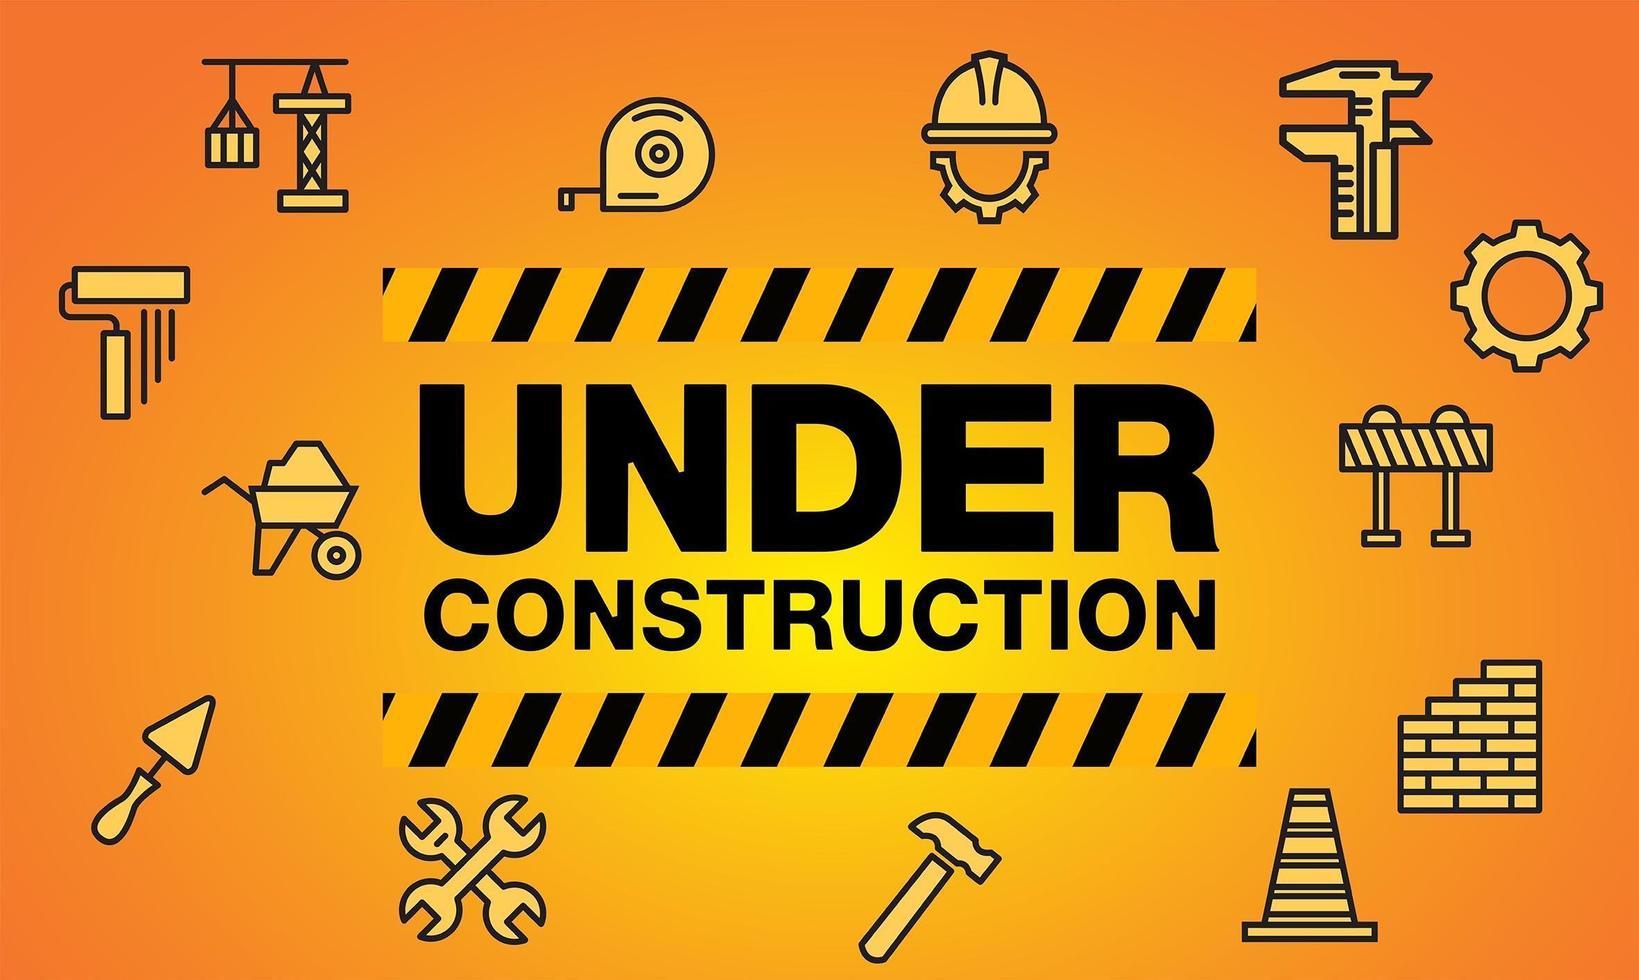 onder bouwplaats en constructie pictogrammen vector